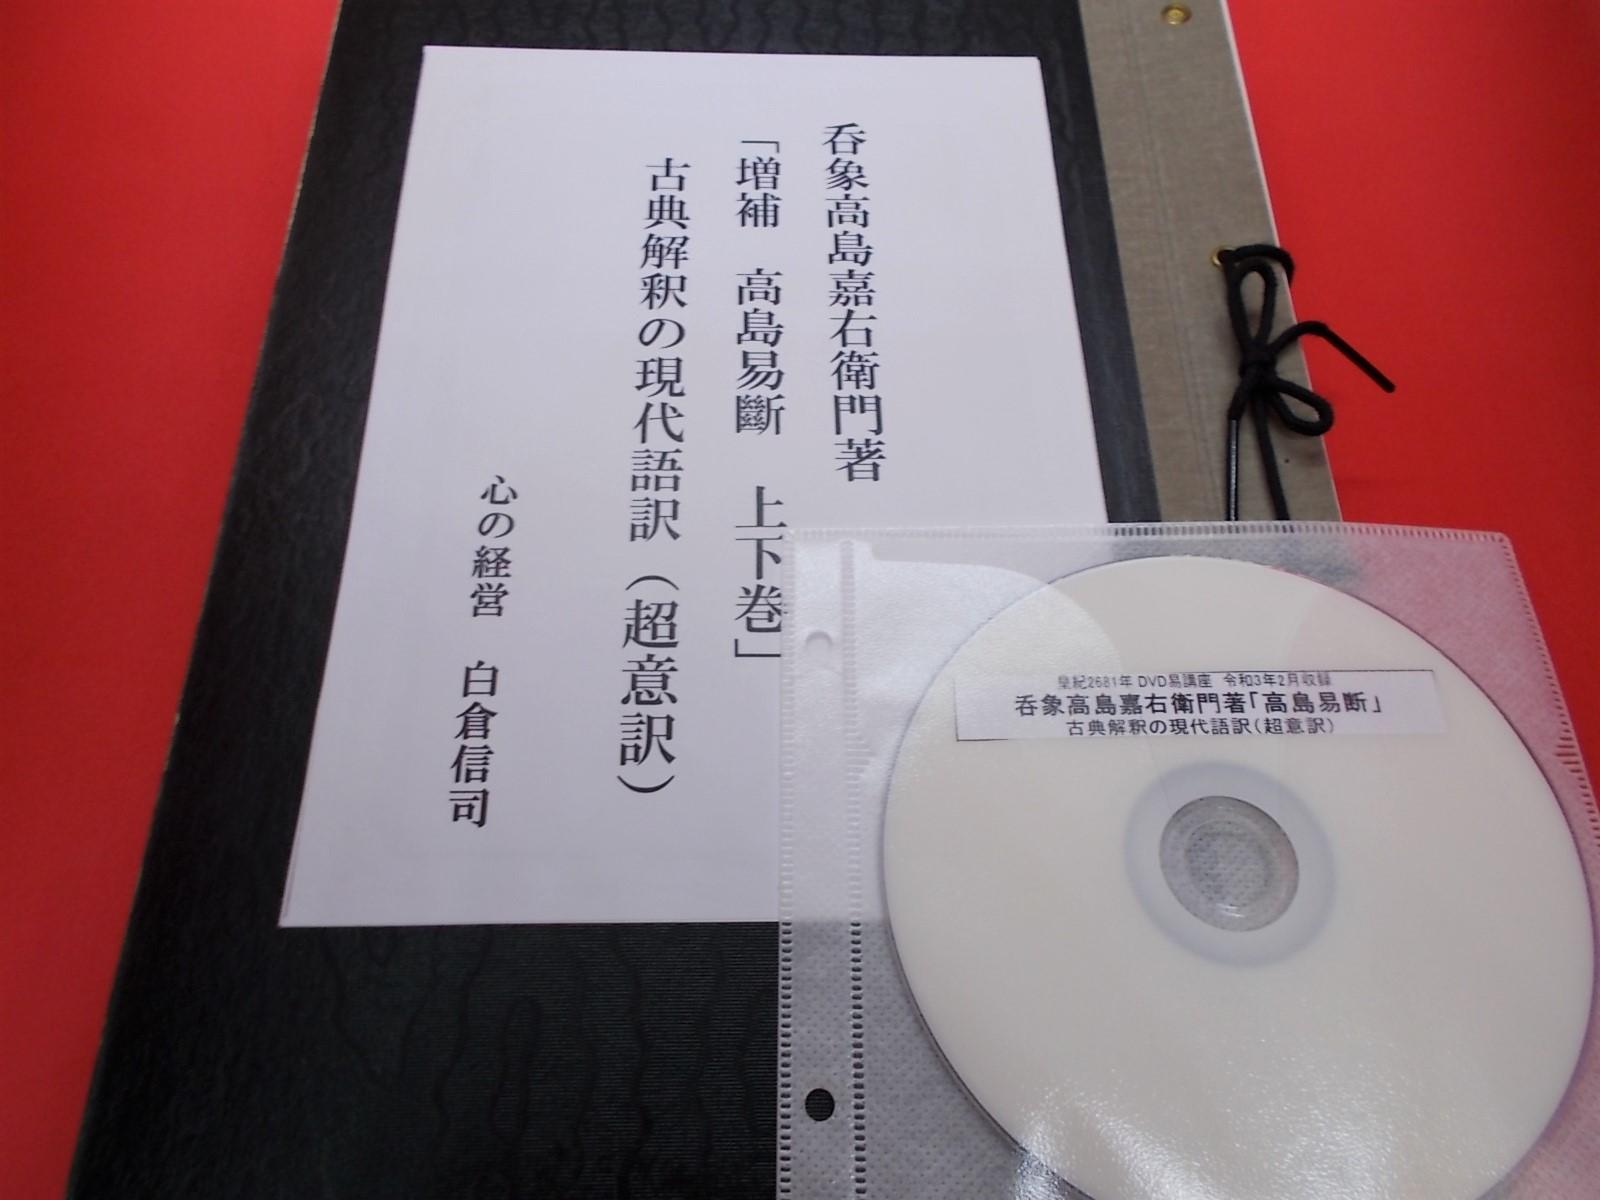 「増補 高島易斷 上下巻」古典解釈の現代語訳(超意訳)